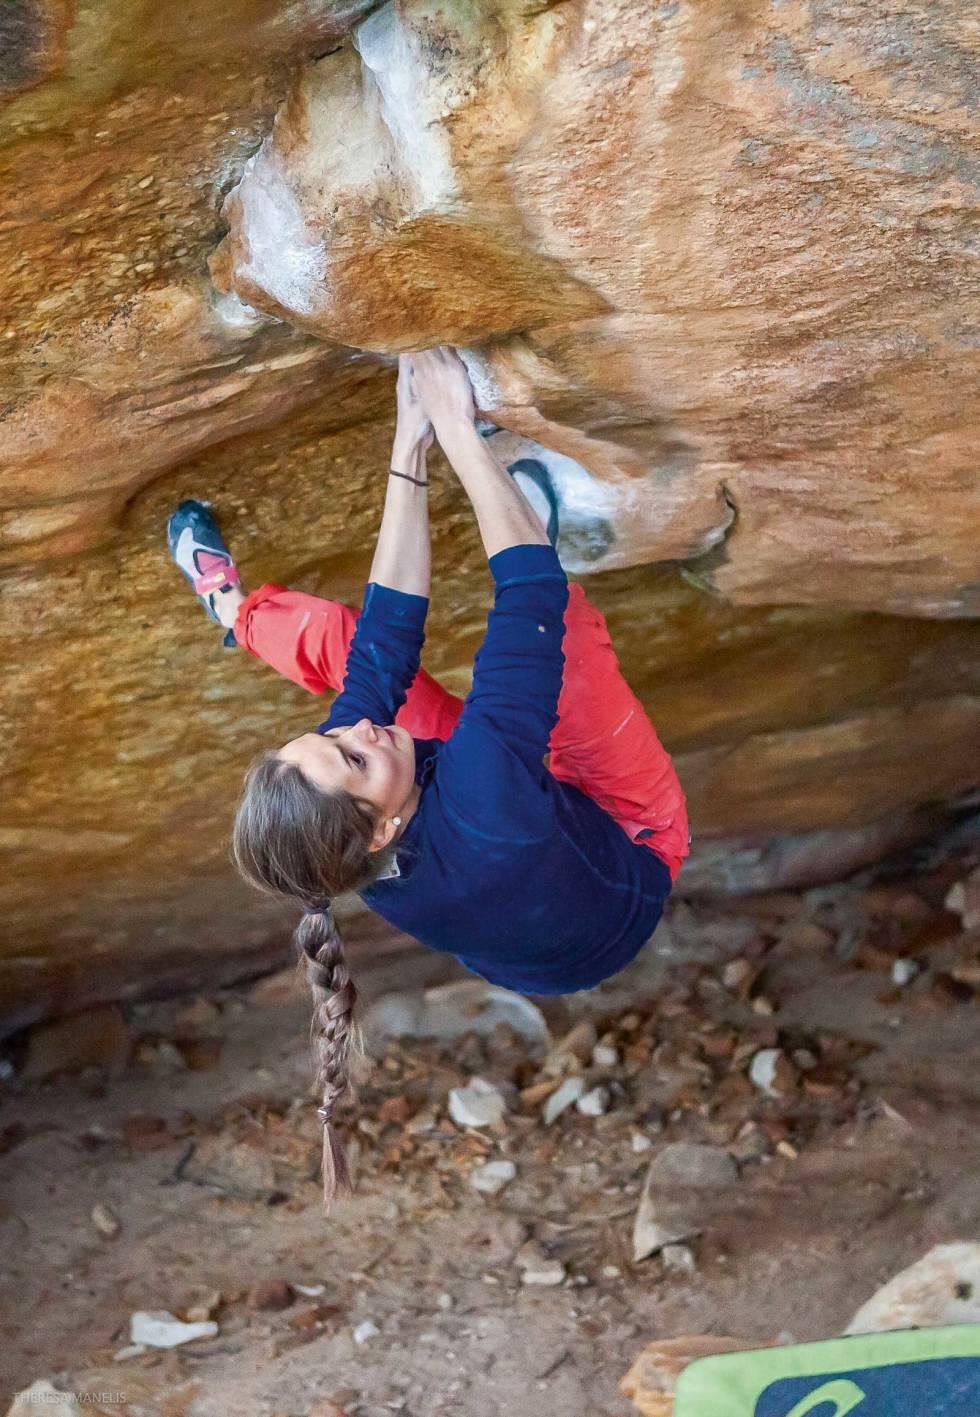 Et-år-på-klatretur-7